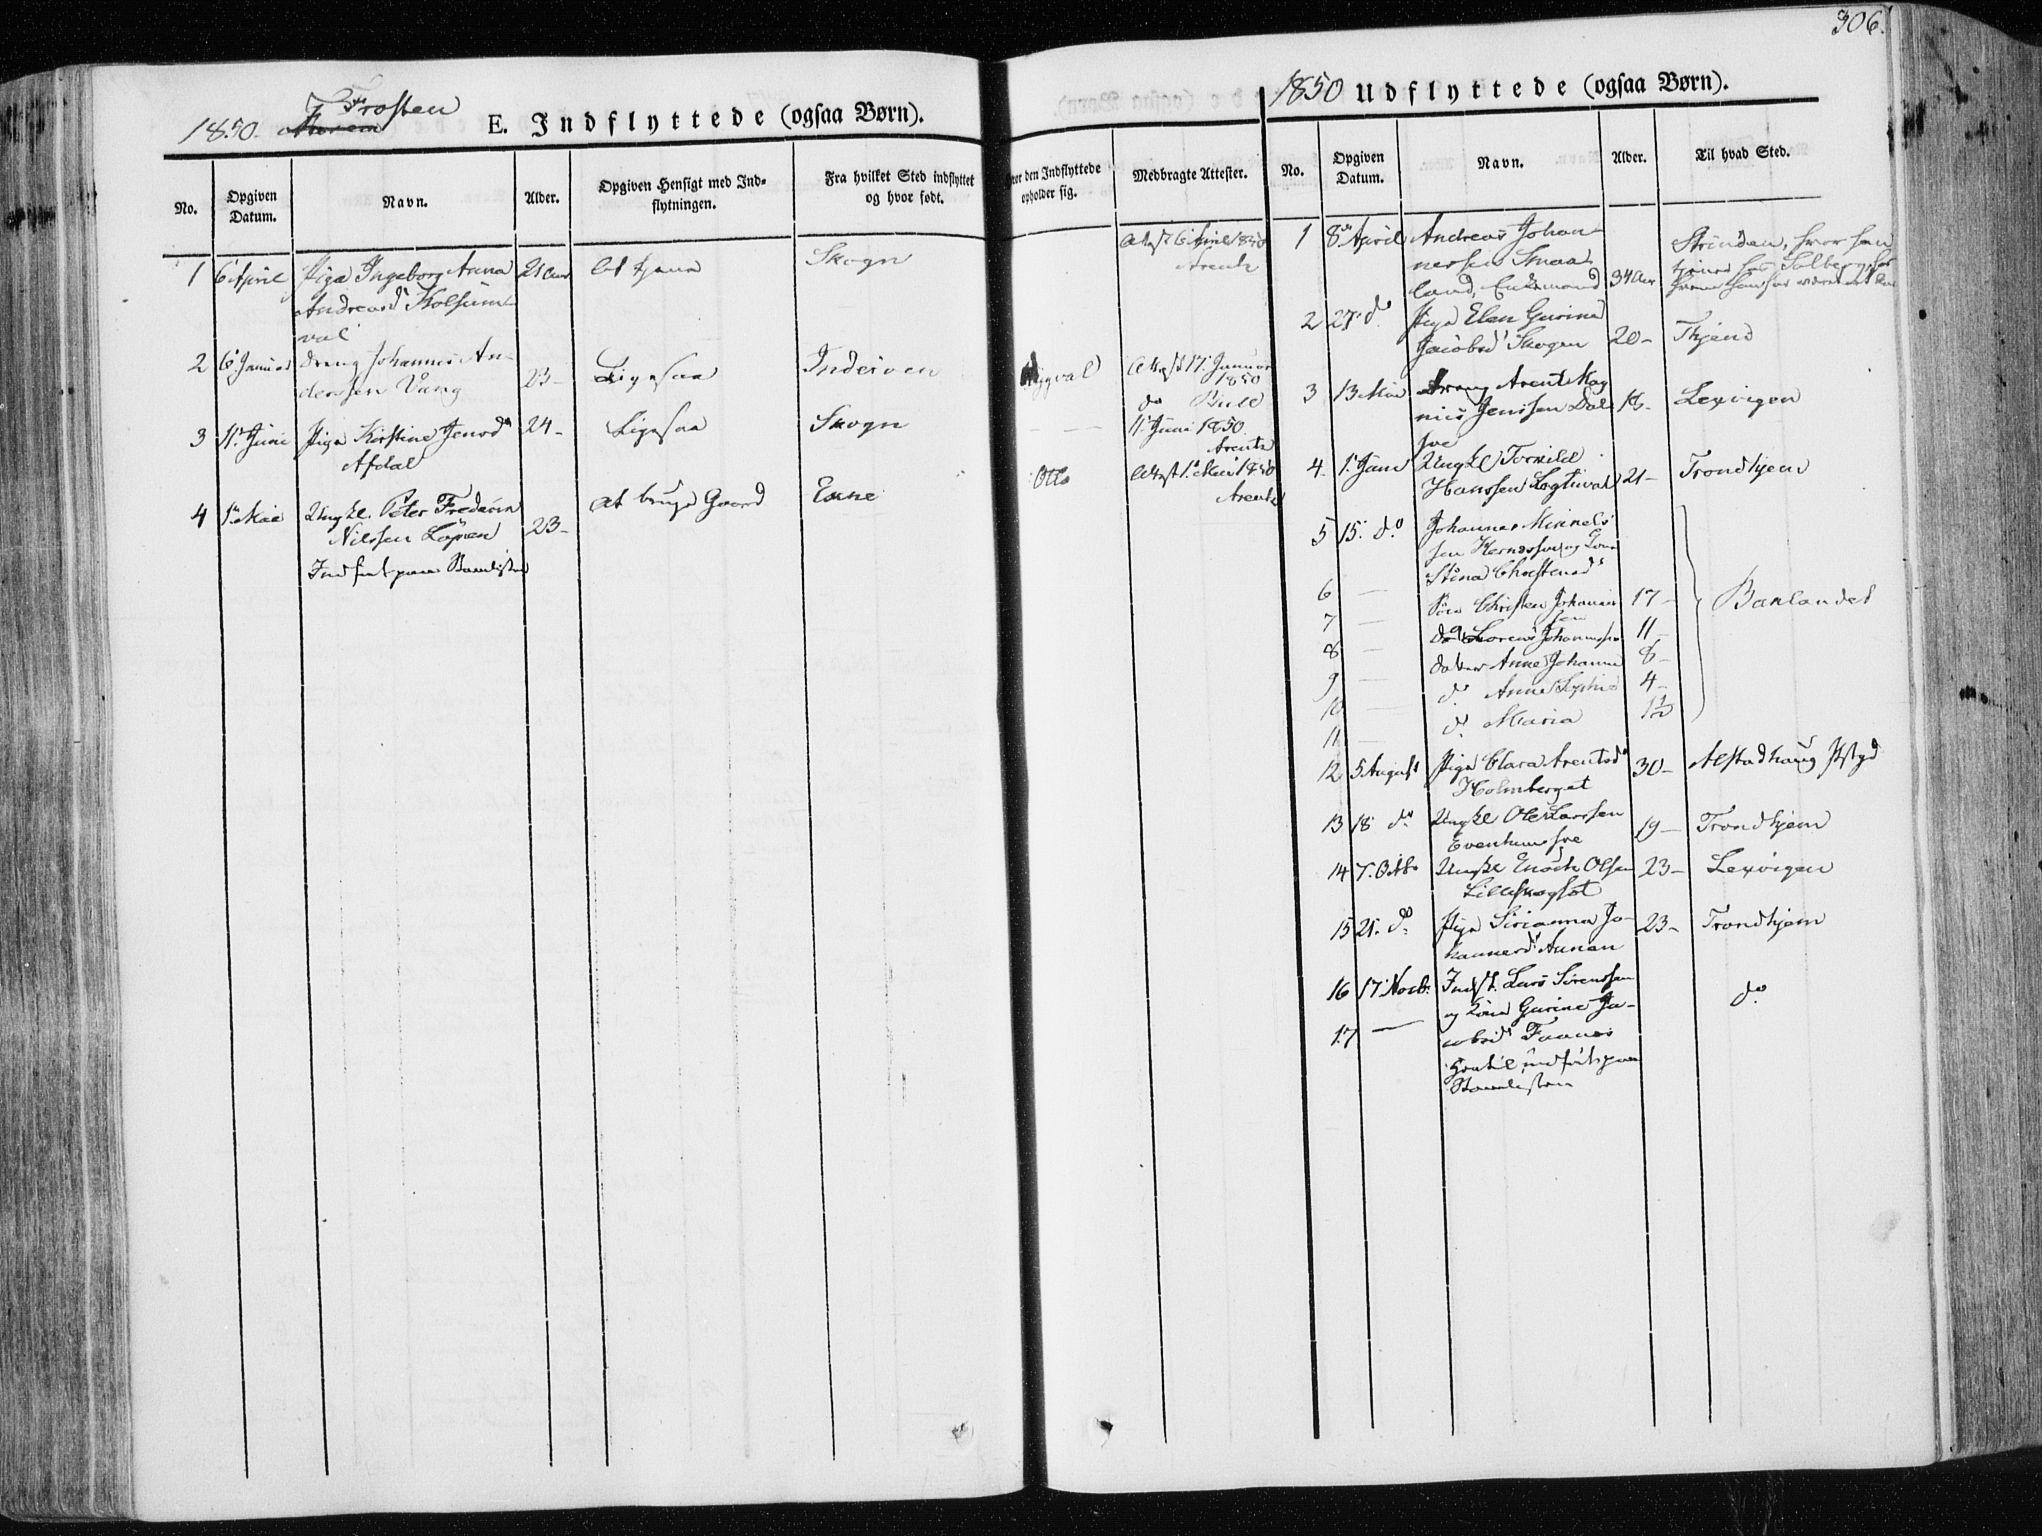 SAT, Ministerialprotokoller, klokkerbøker og fødselsregistre - Nord-Trøndelag, 713/L0115: Ministerialbok nr. 713A06, 1838-1851, s. 306